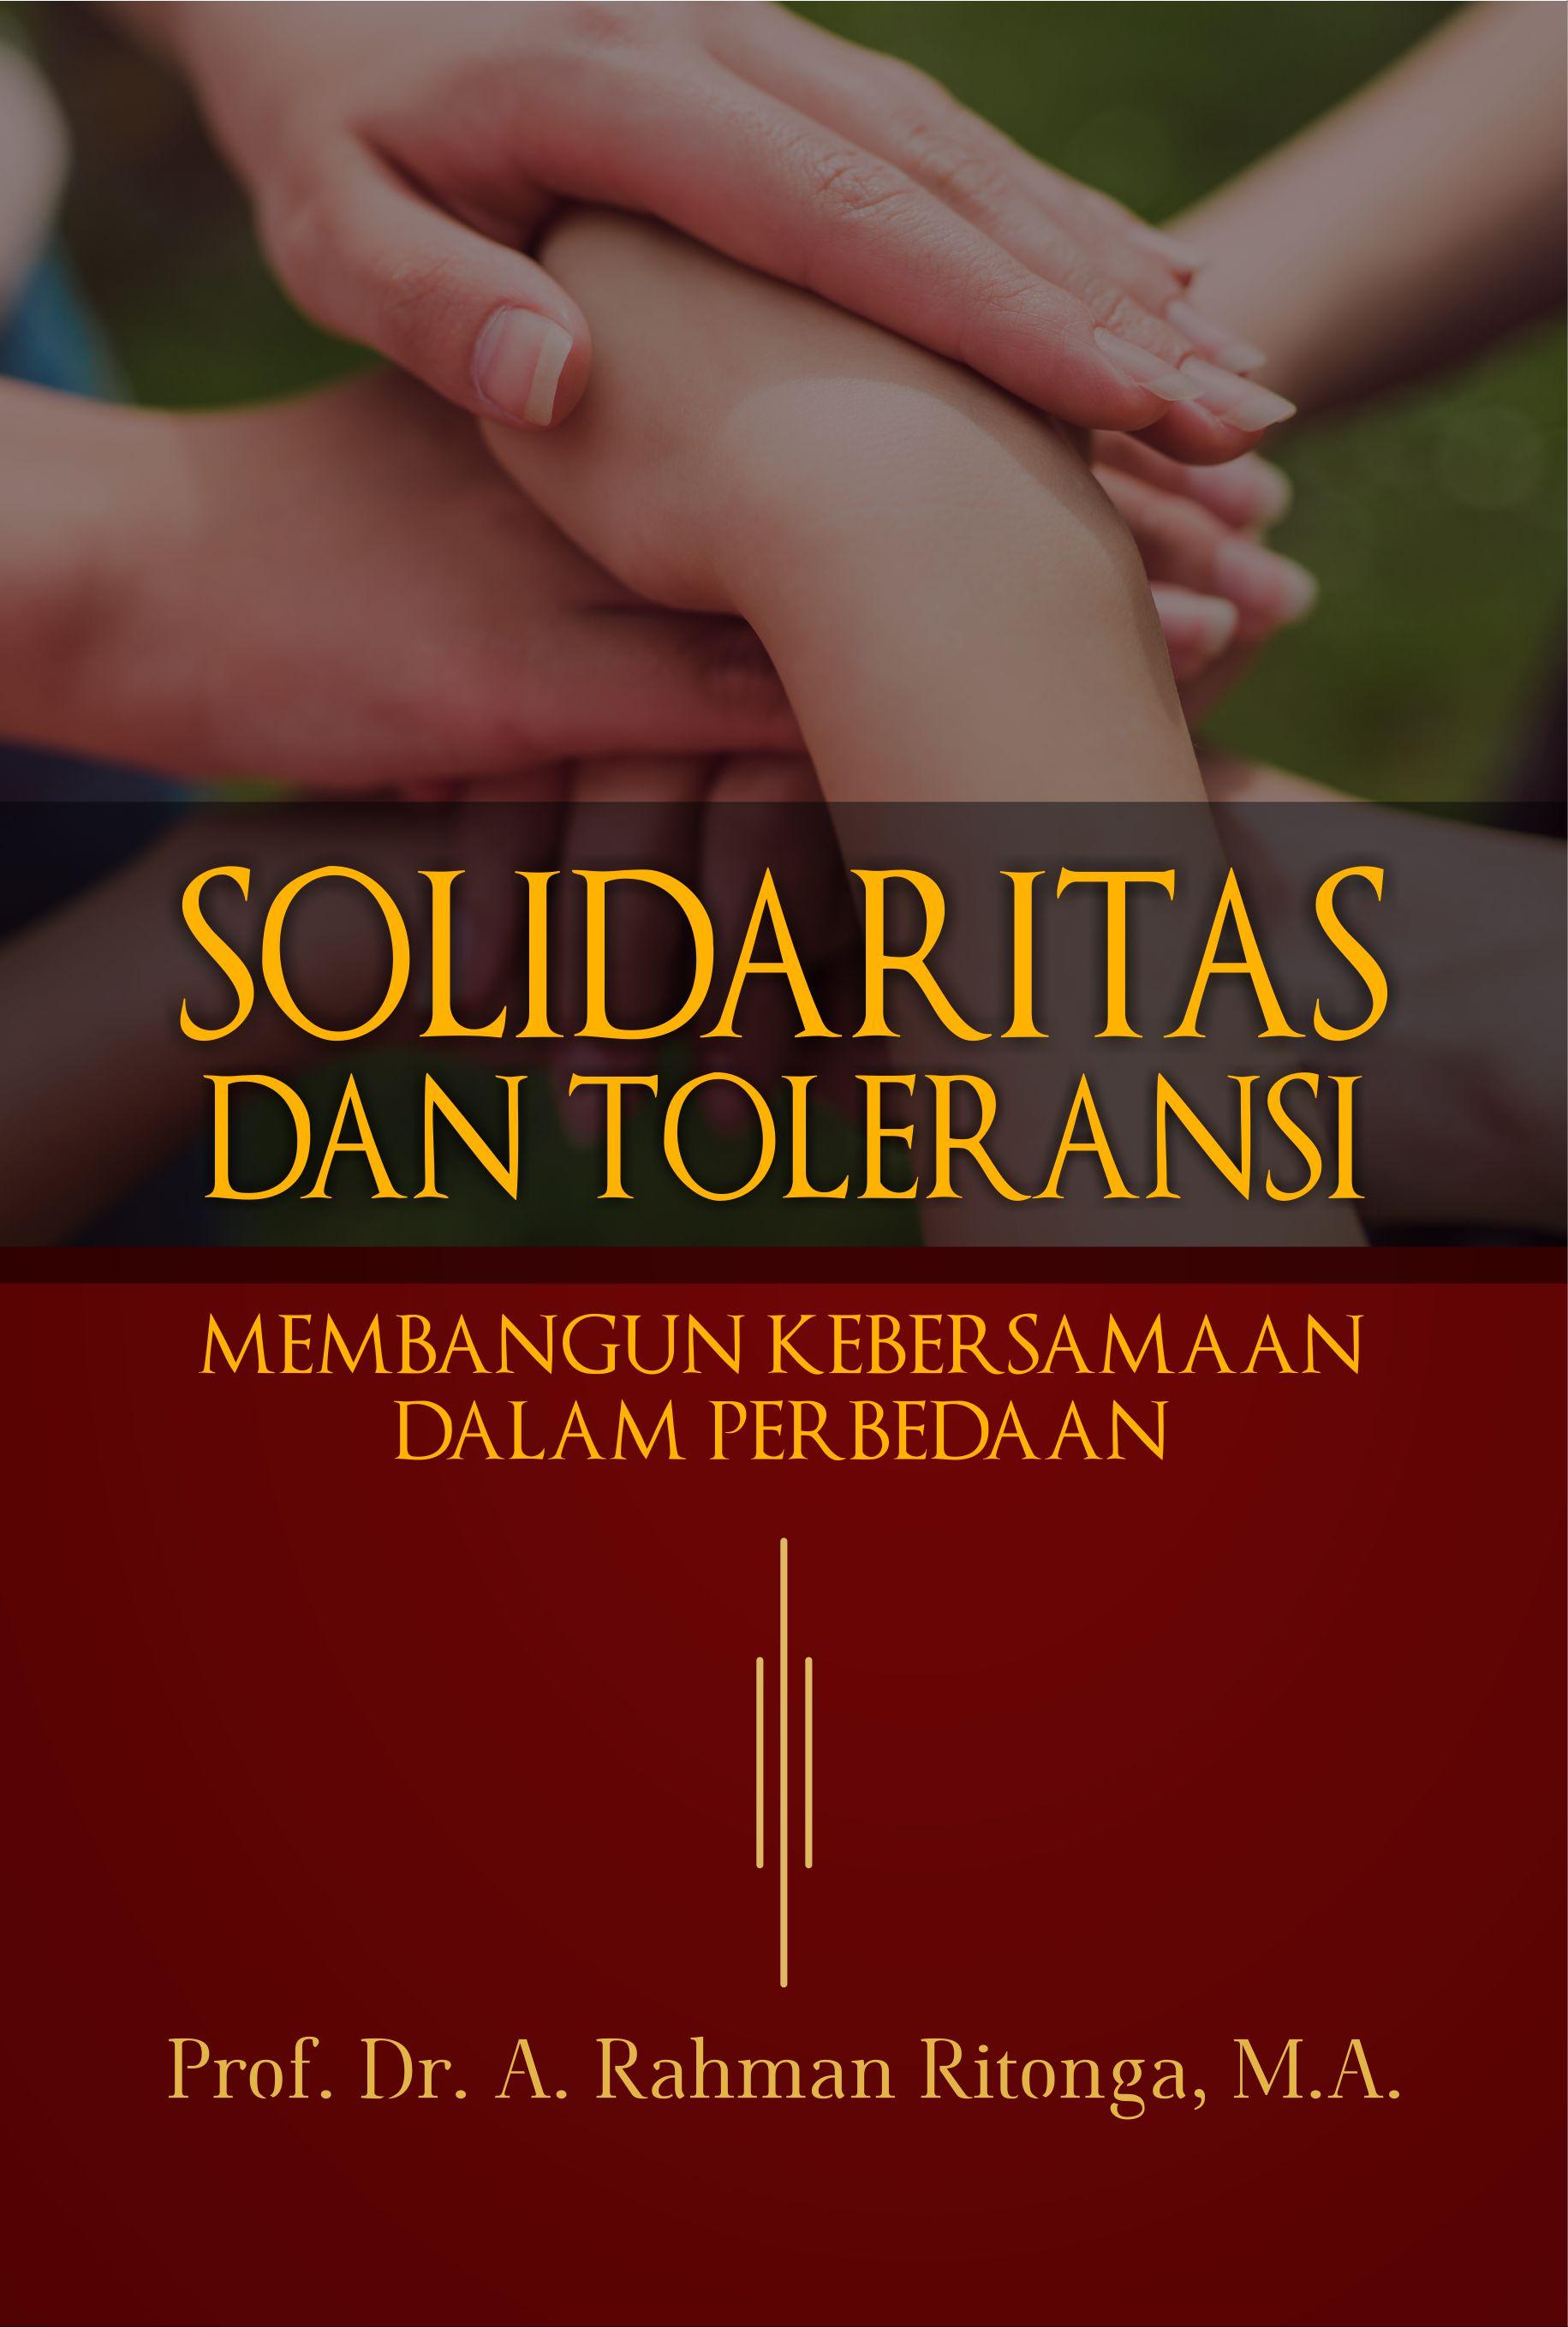 Solidaritas dan toleransi membangun kebersamaan dalam perbedaan [sumber elektronis]